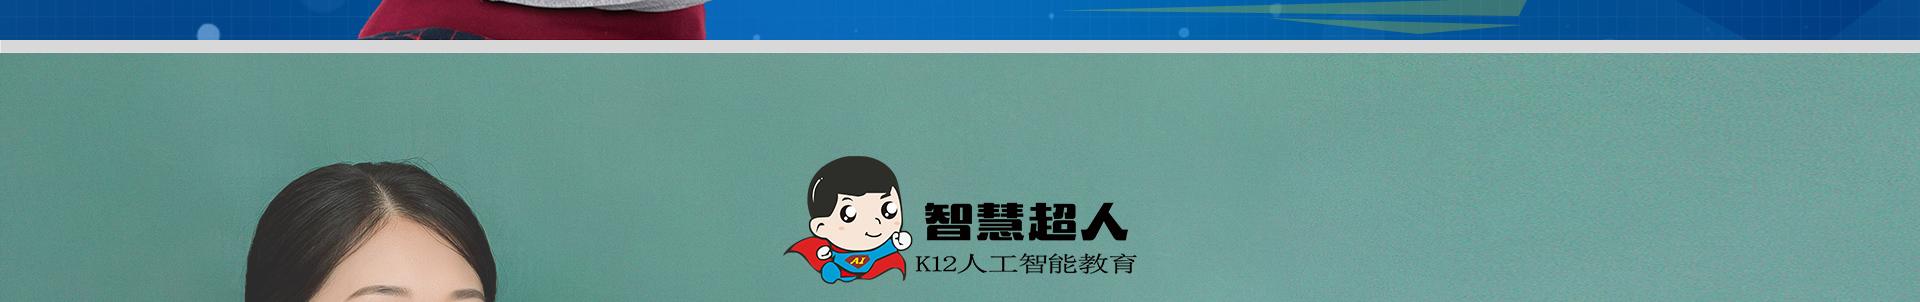 智慧超人K12人工智能教育zzcr_10